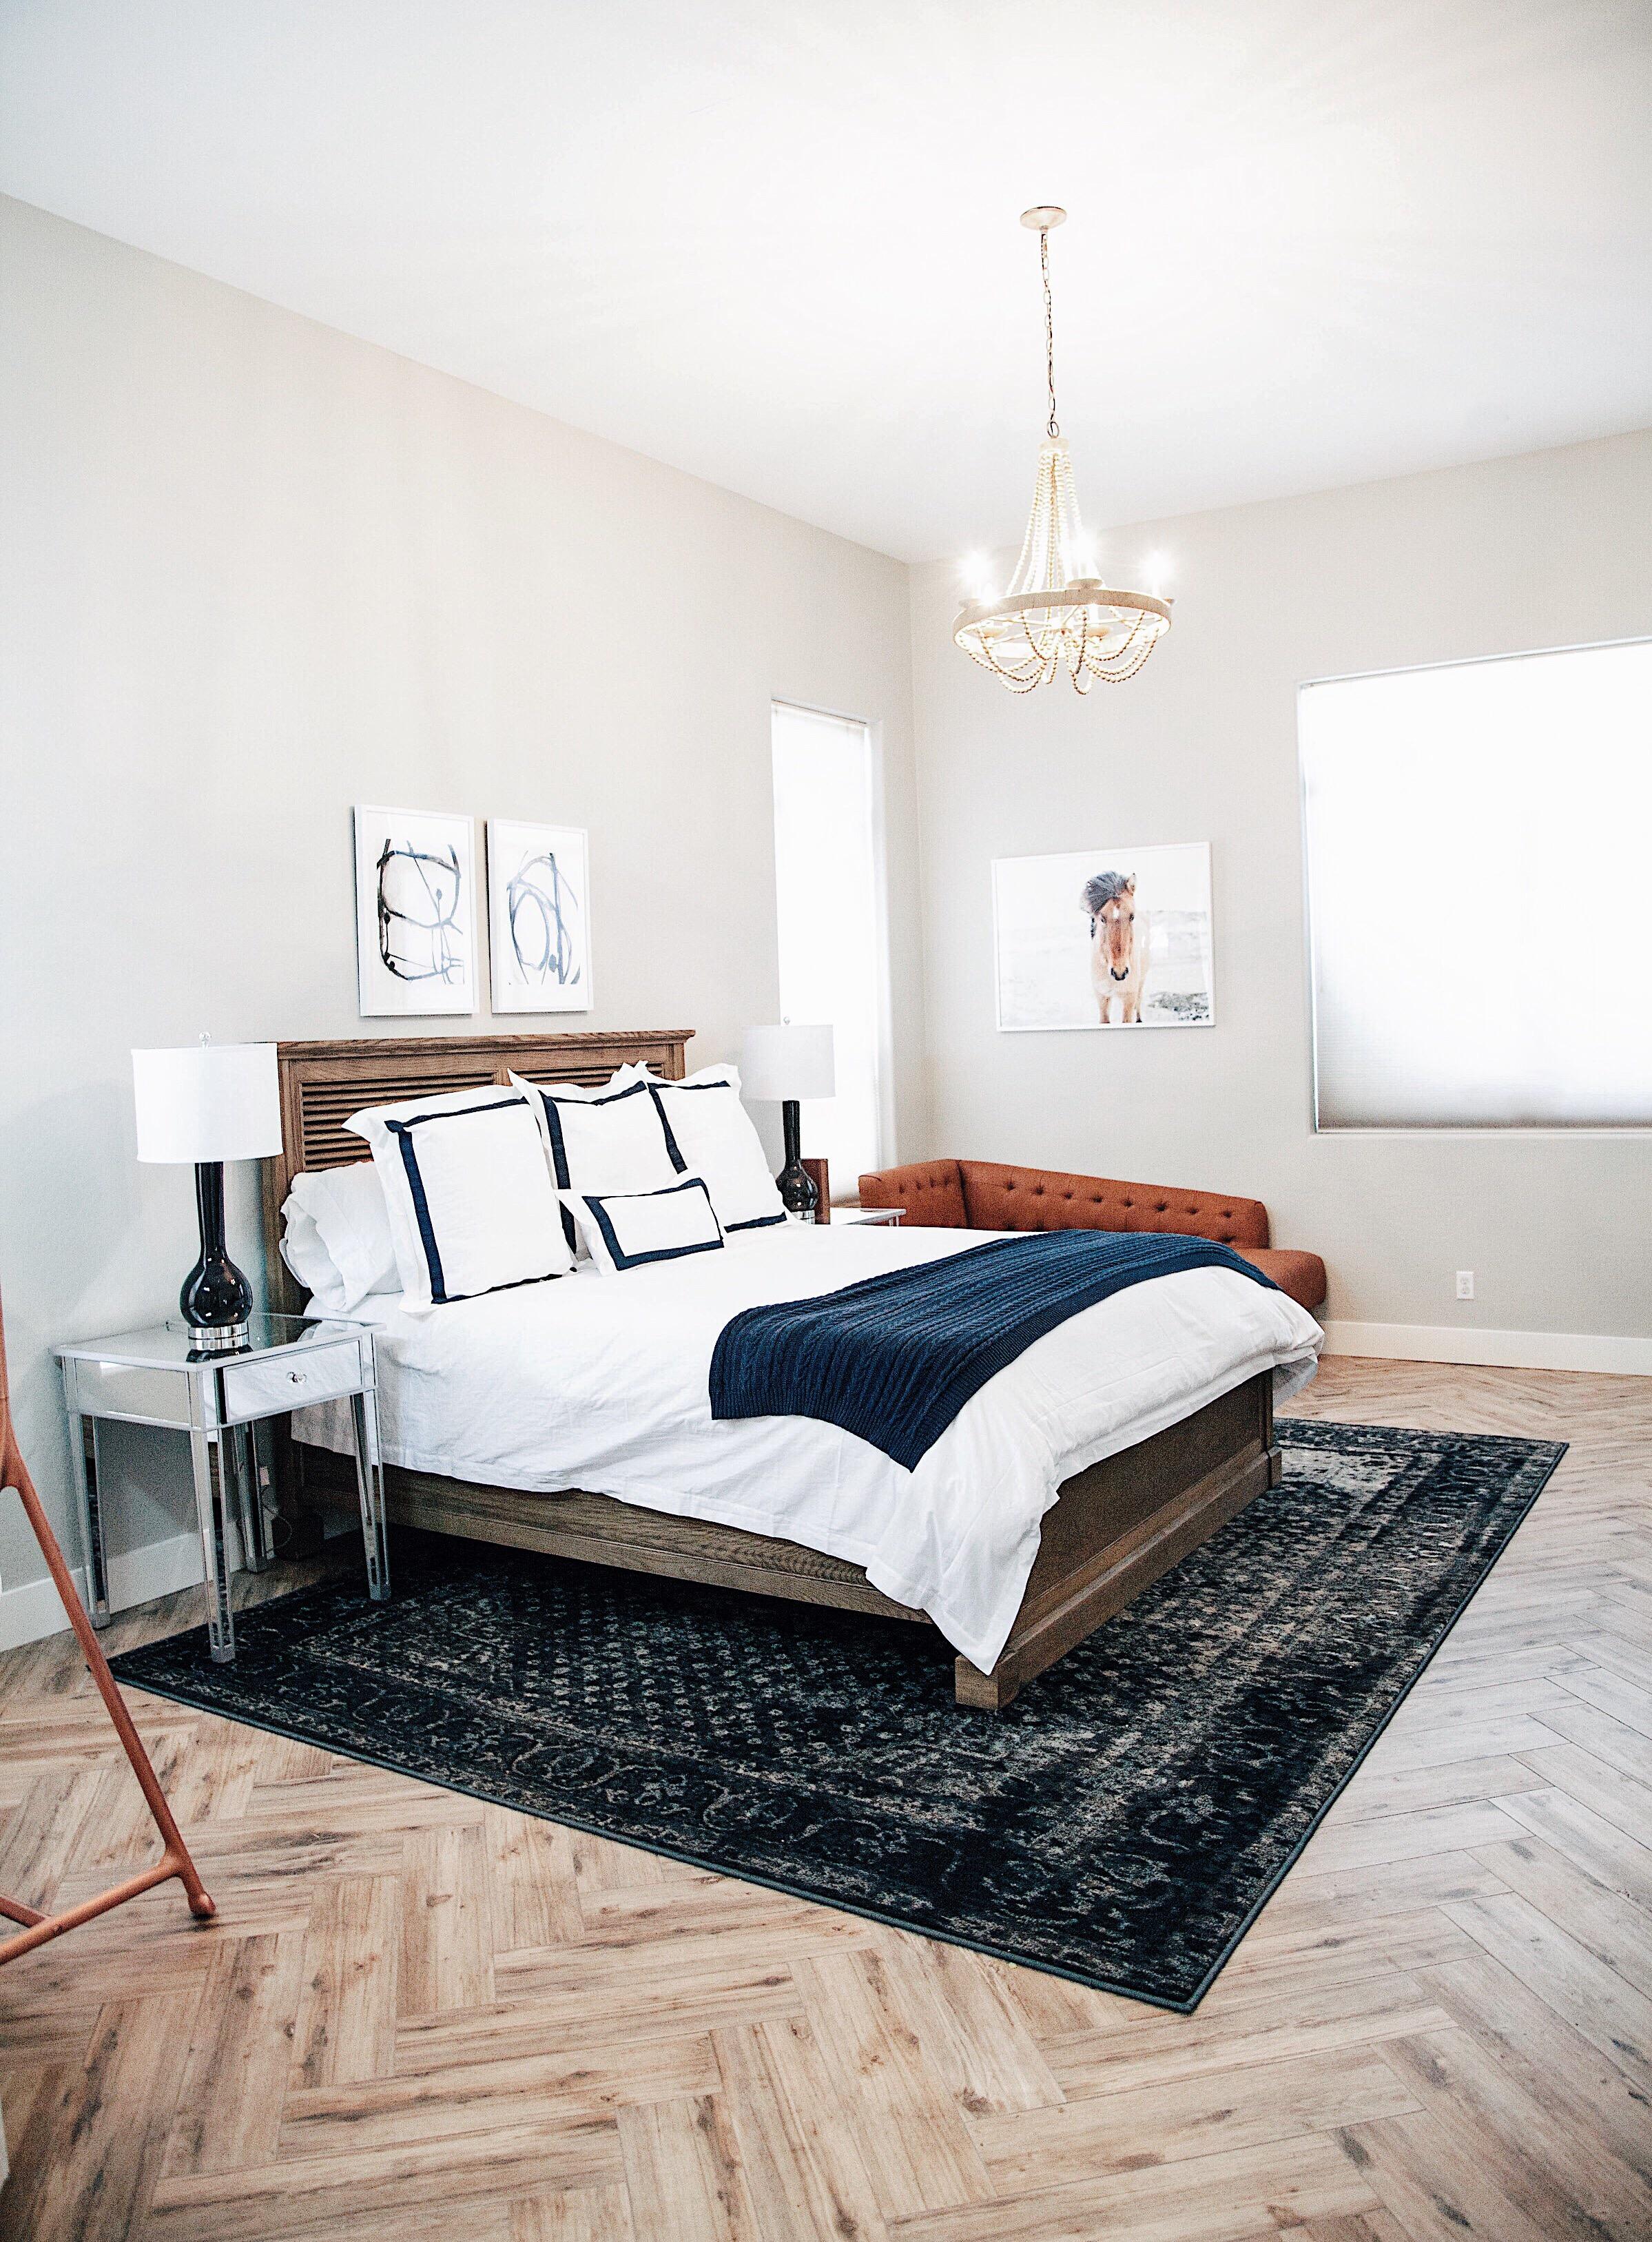 Картины над кроватью в спальне в стиле эко